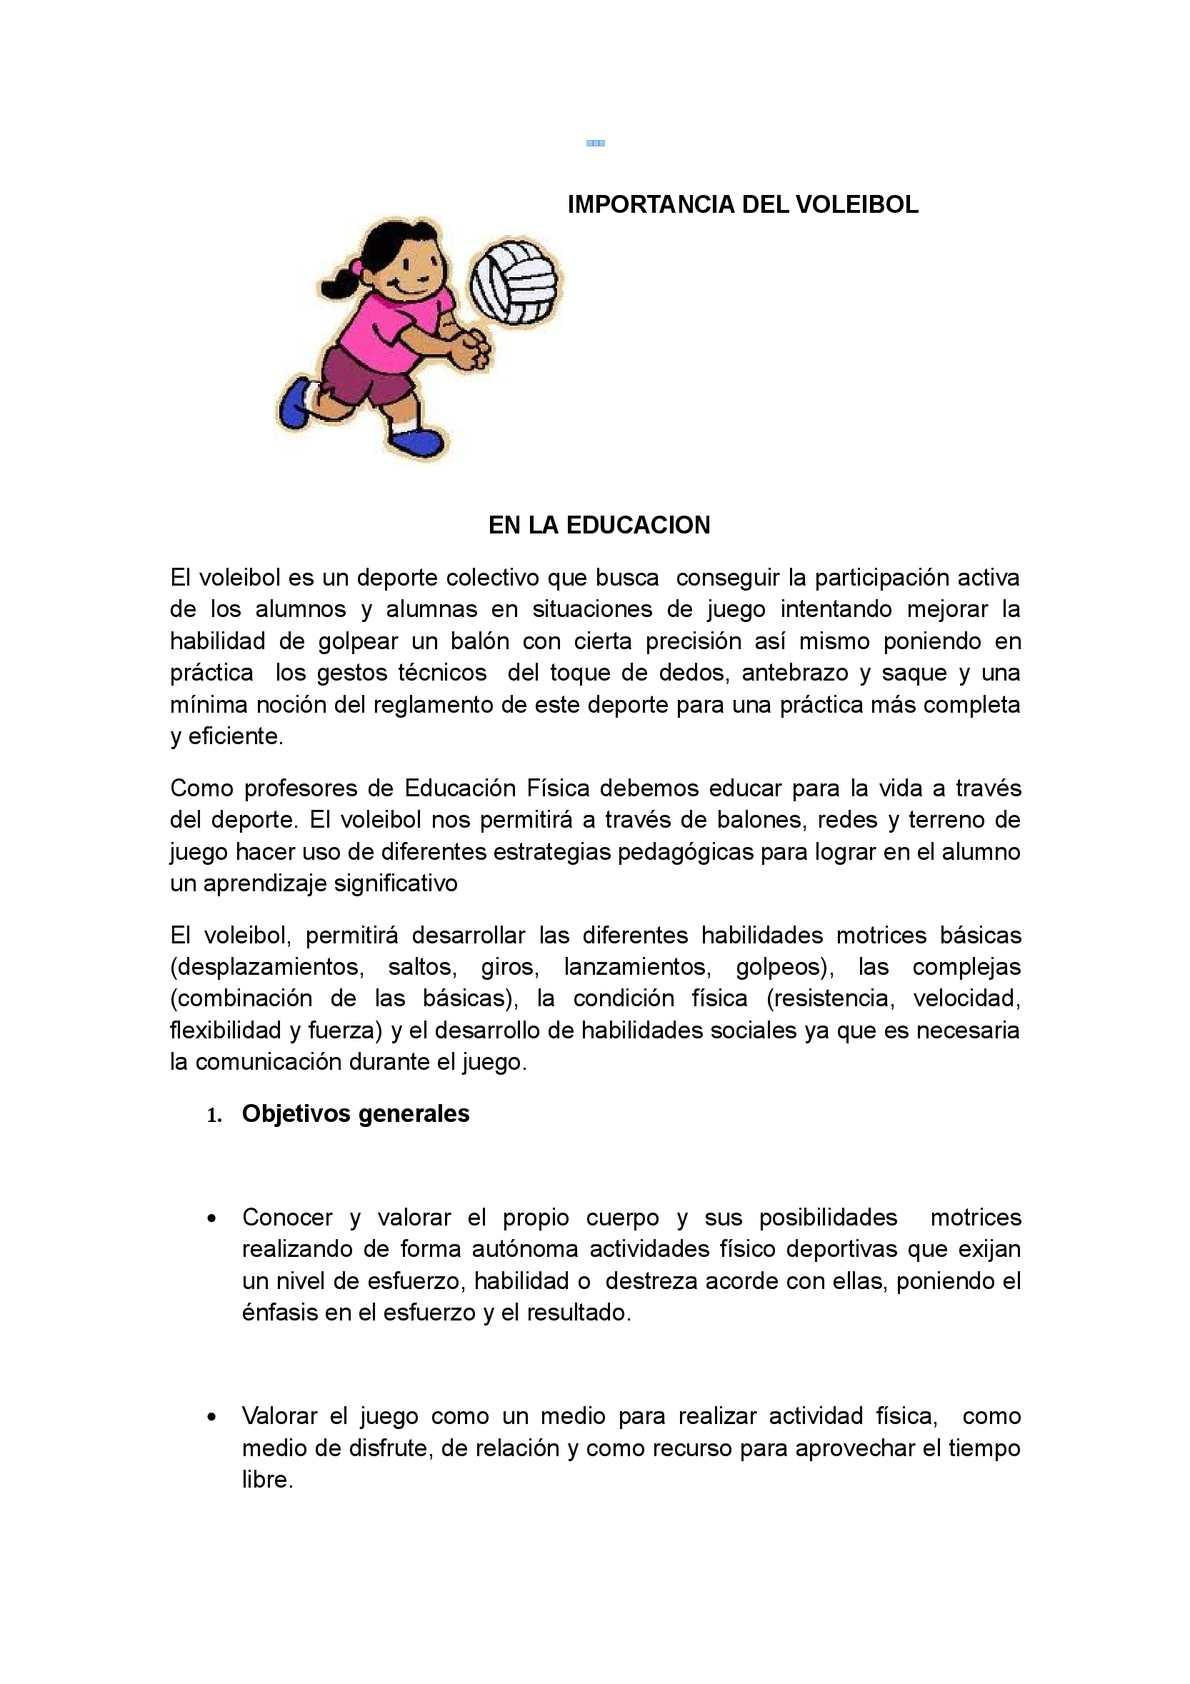 Calaméo - IMPORTANCIA DEL VOLEIBOL EN LA EDUCACION